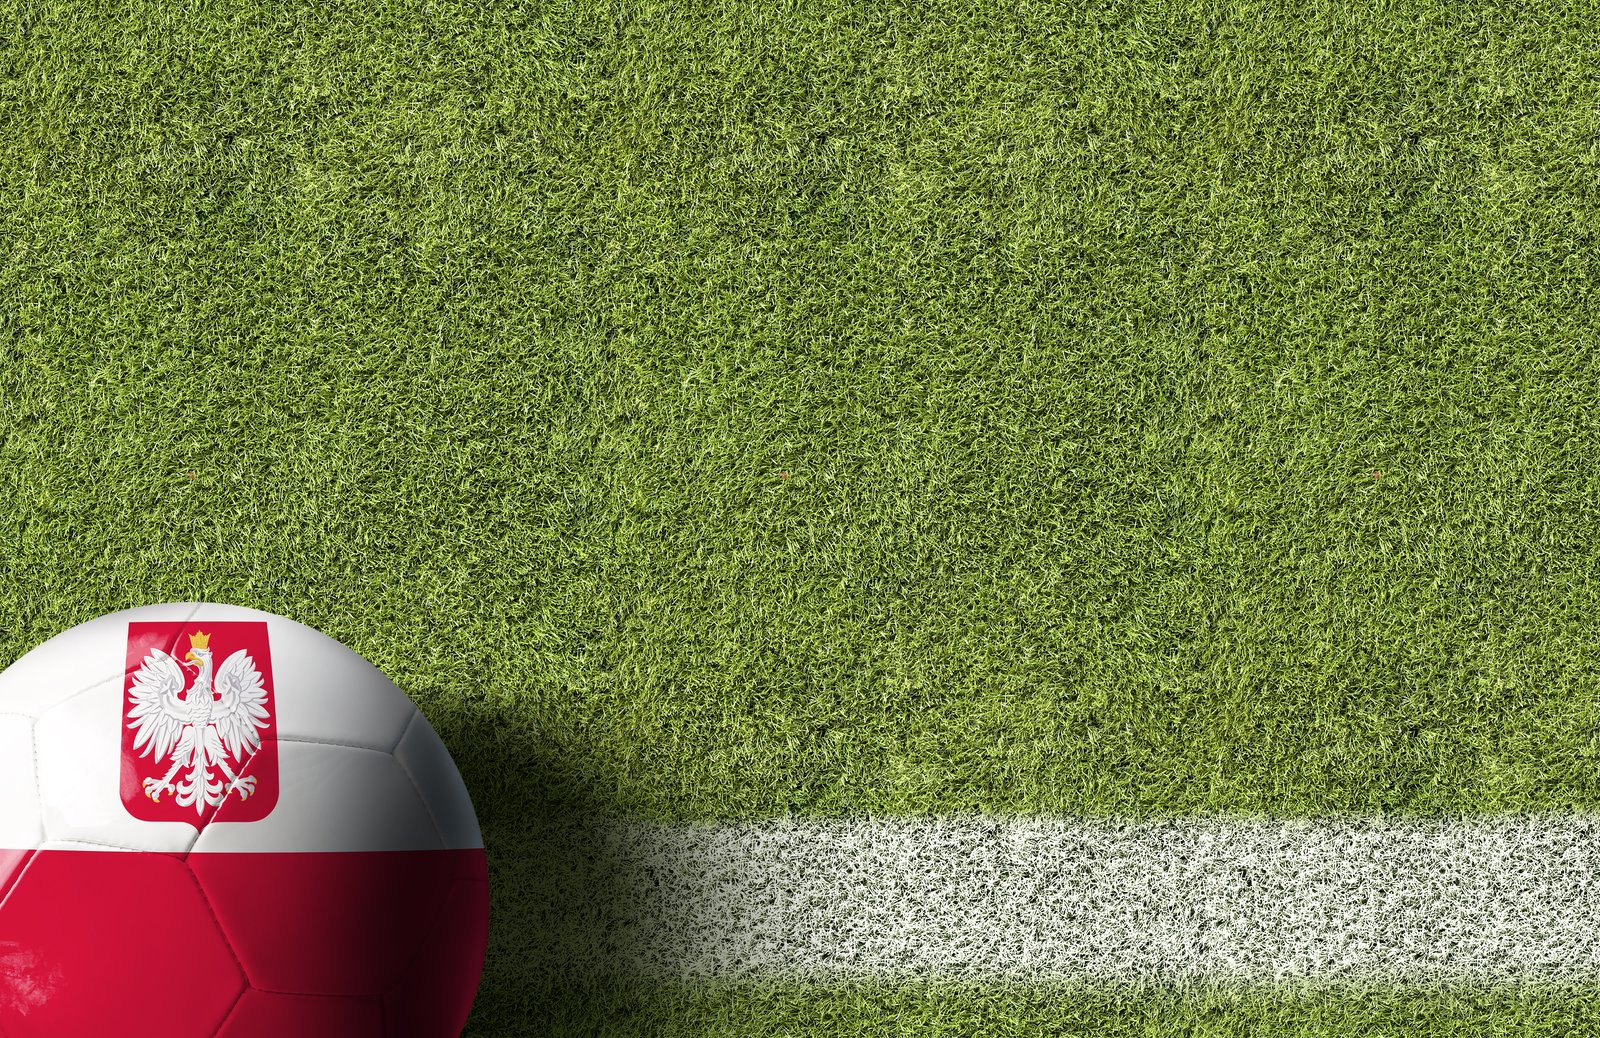 Polska na MŚ 2018 bez niespodzianek: mecz z Japonią tylko o honor